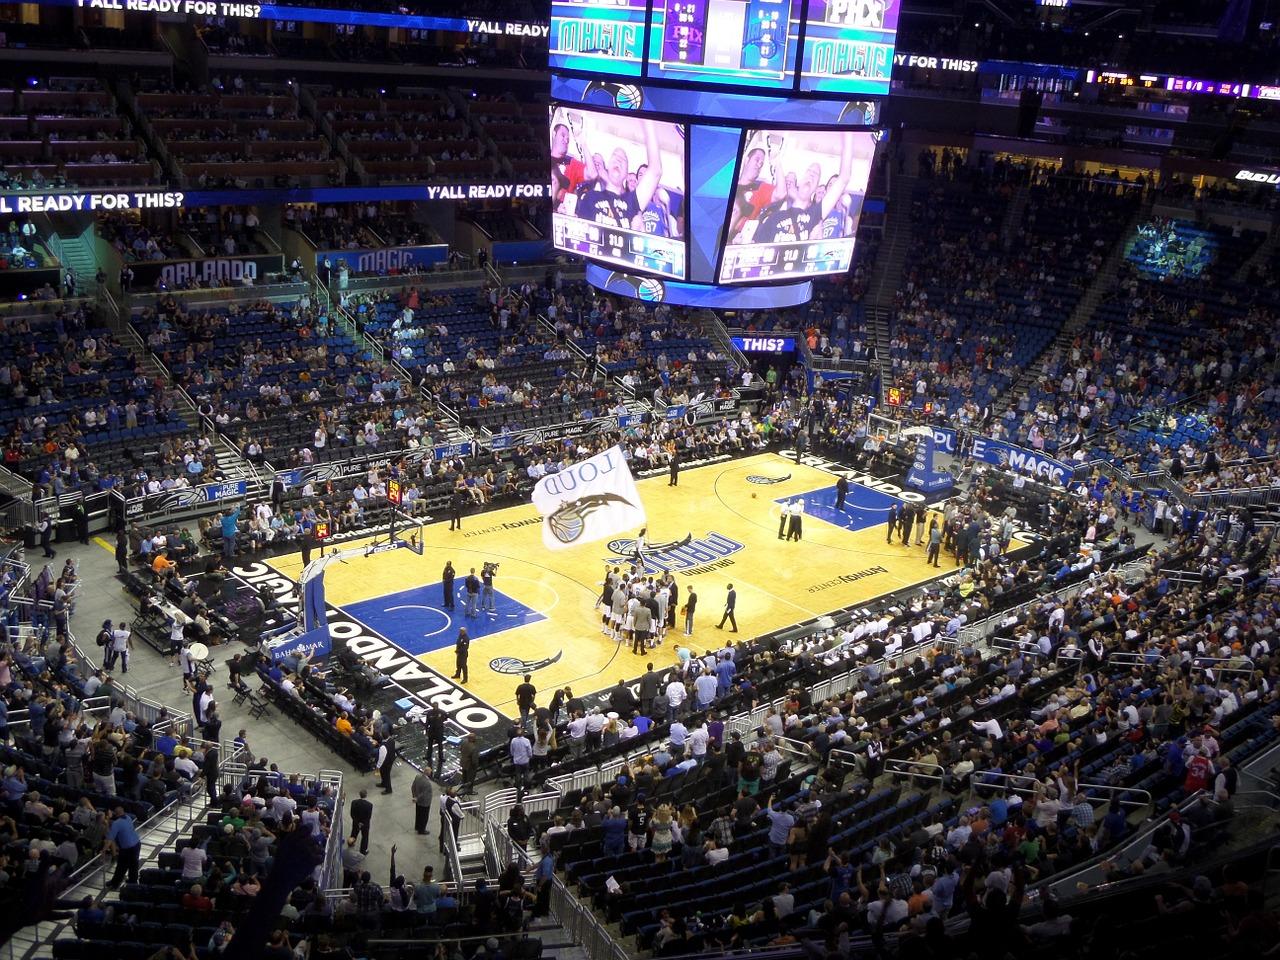 Unter meinen Florida Reisetipps die nummer eins - schaut euch ein Spiel der Orlando Magics Live an NBA